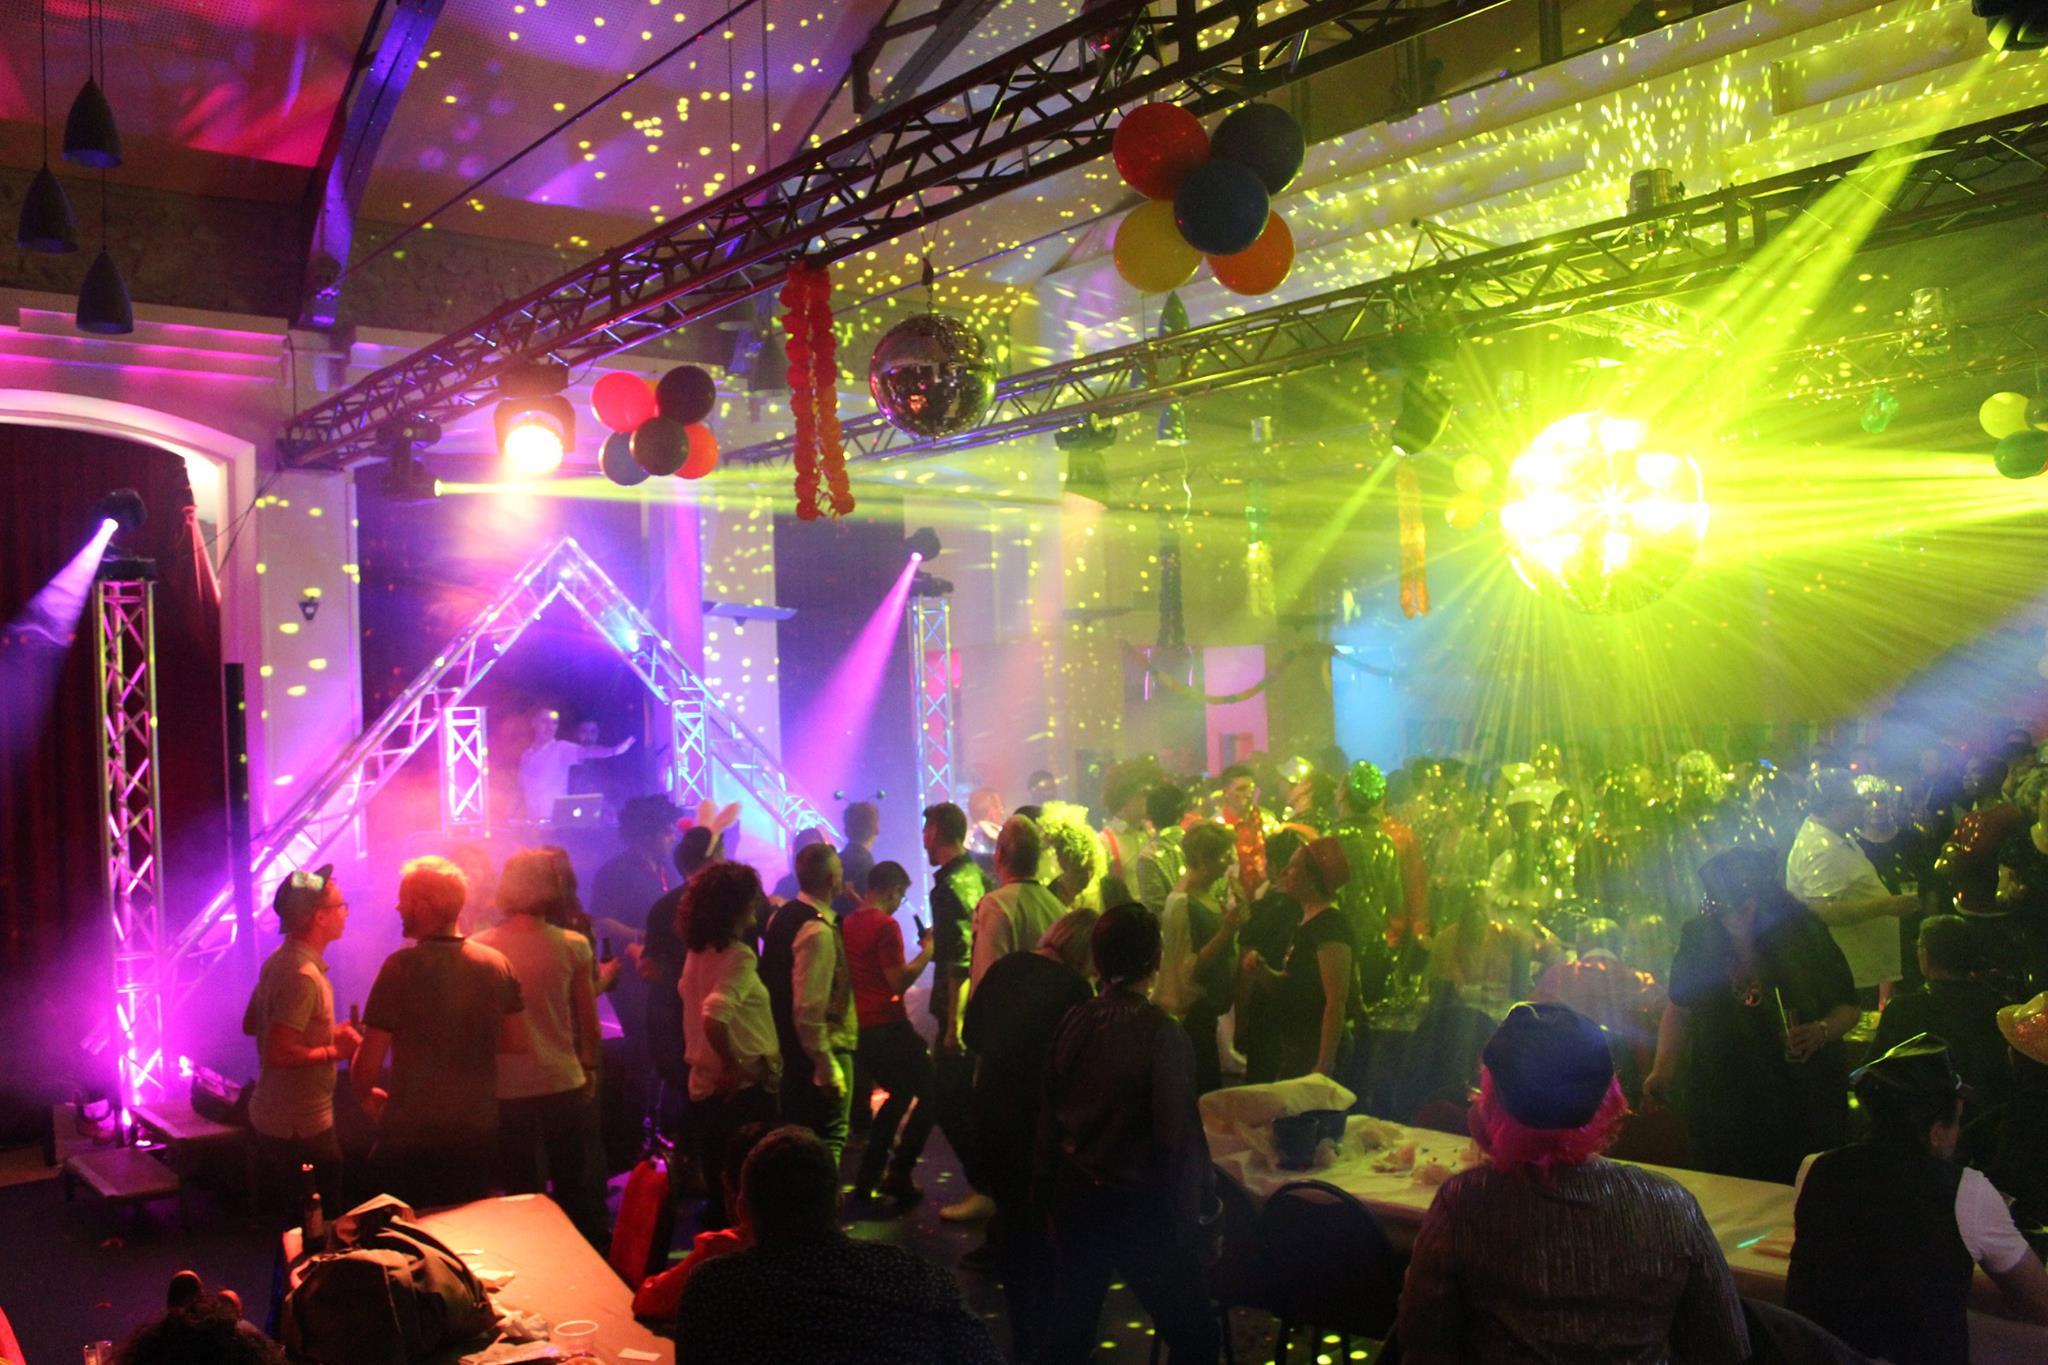 Décoration Lumière de Yoan pour la Snow Gay événement LGBT